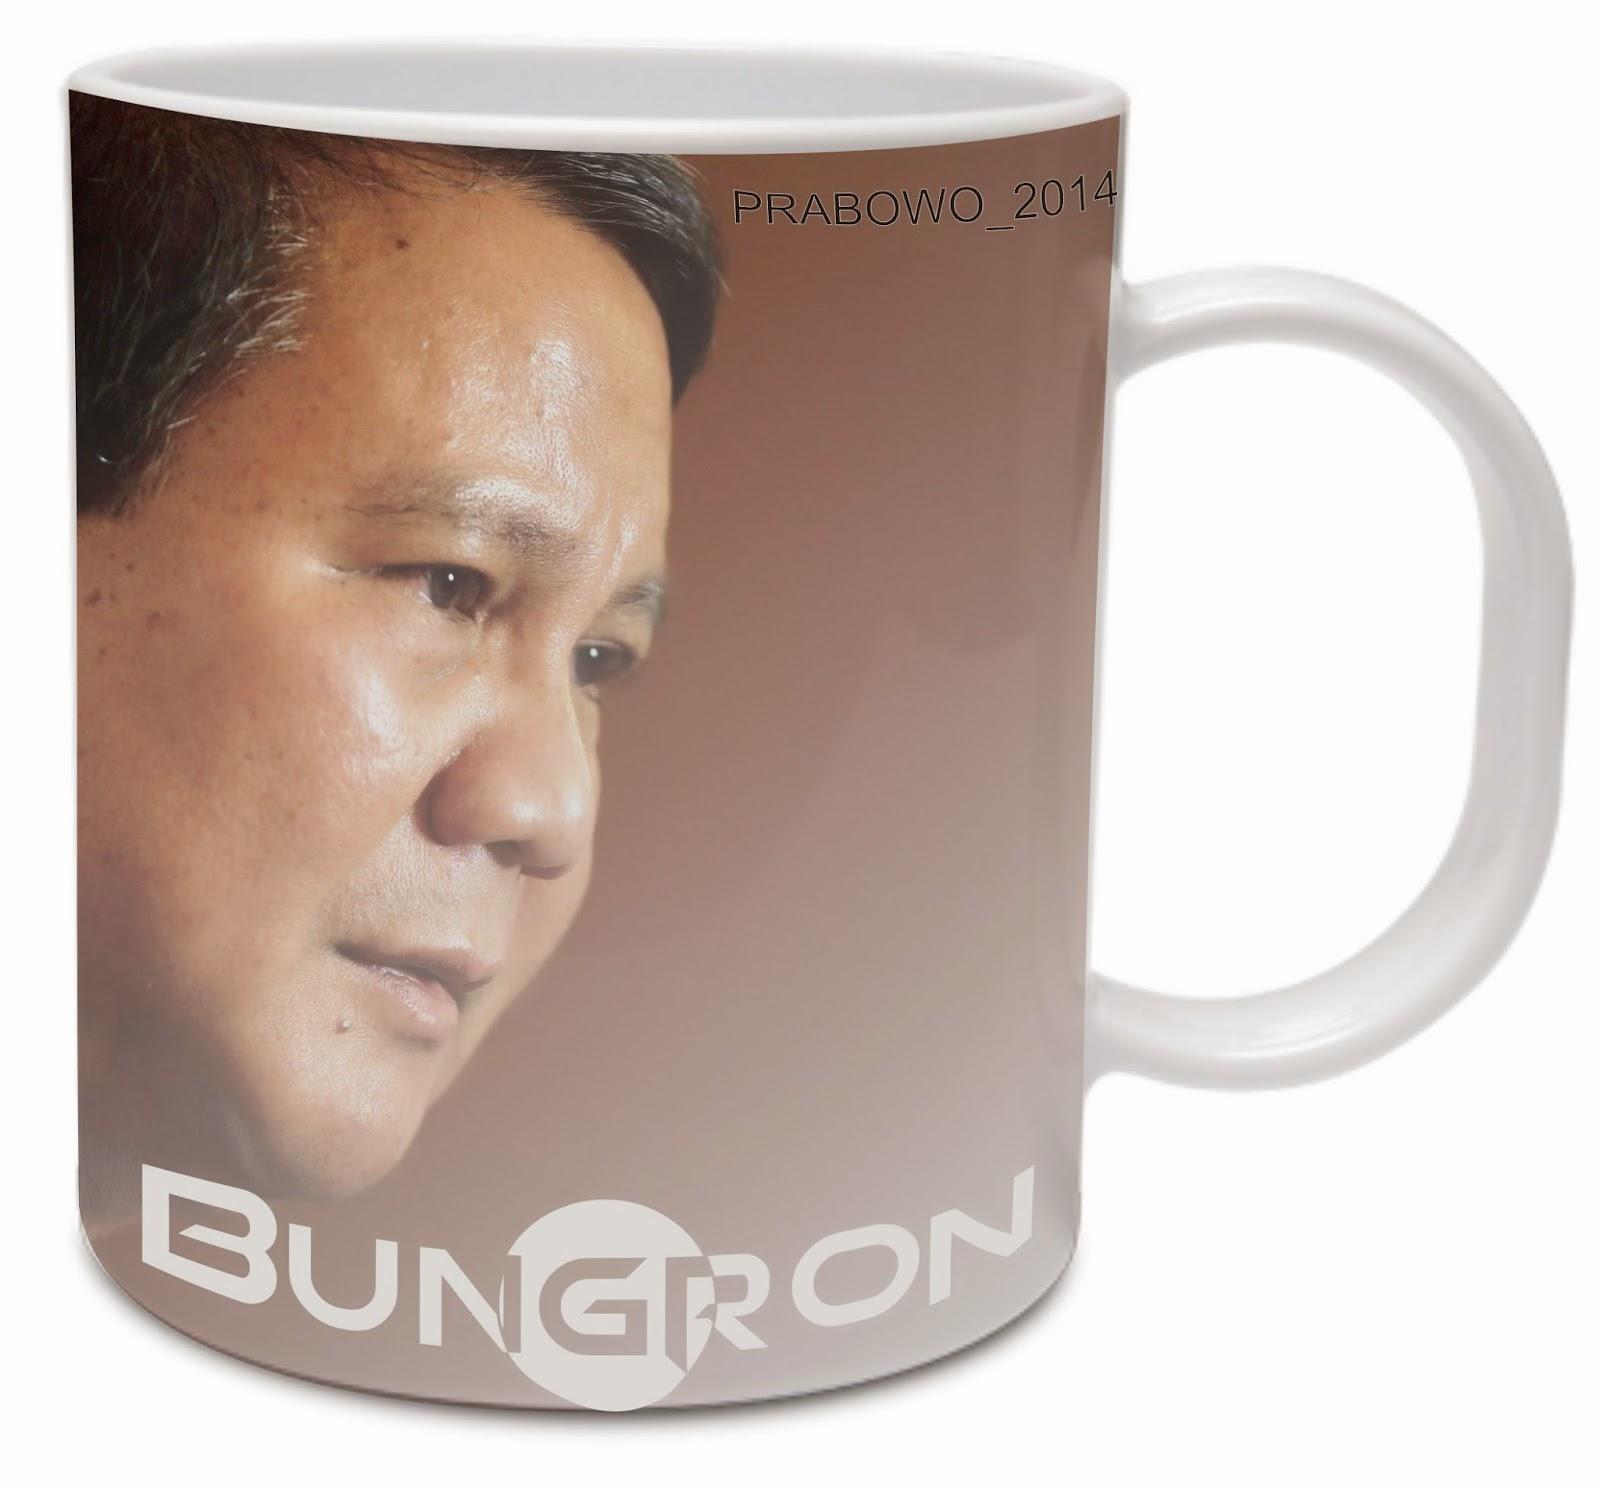 Menempelkan Photo di Mug dengan CorelDraw | Bungron